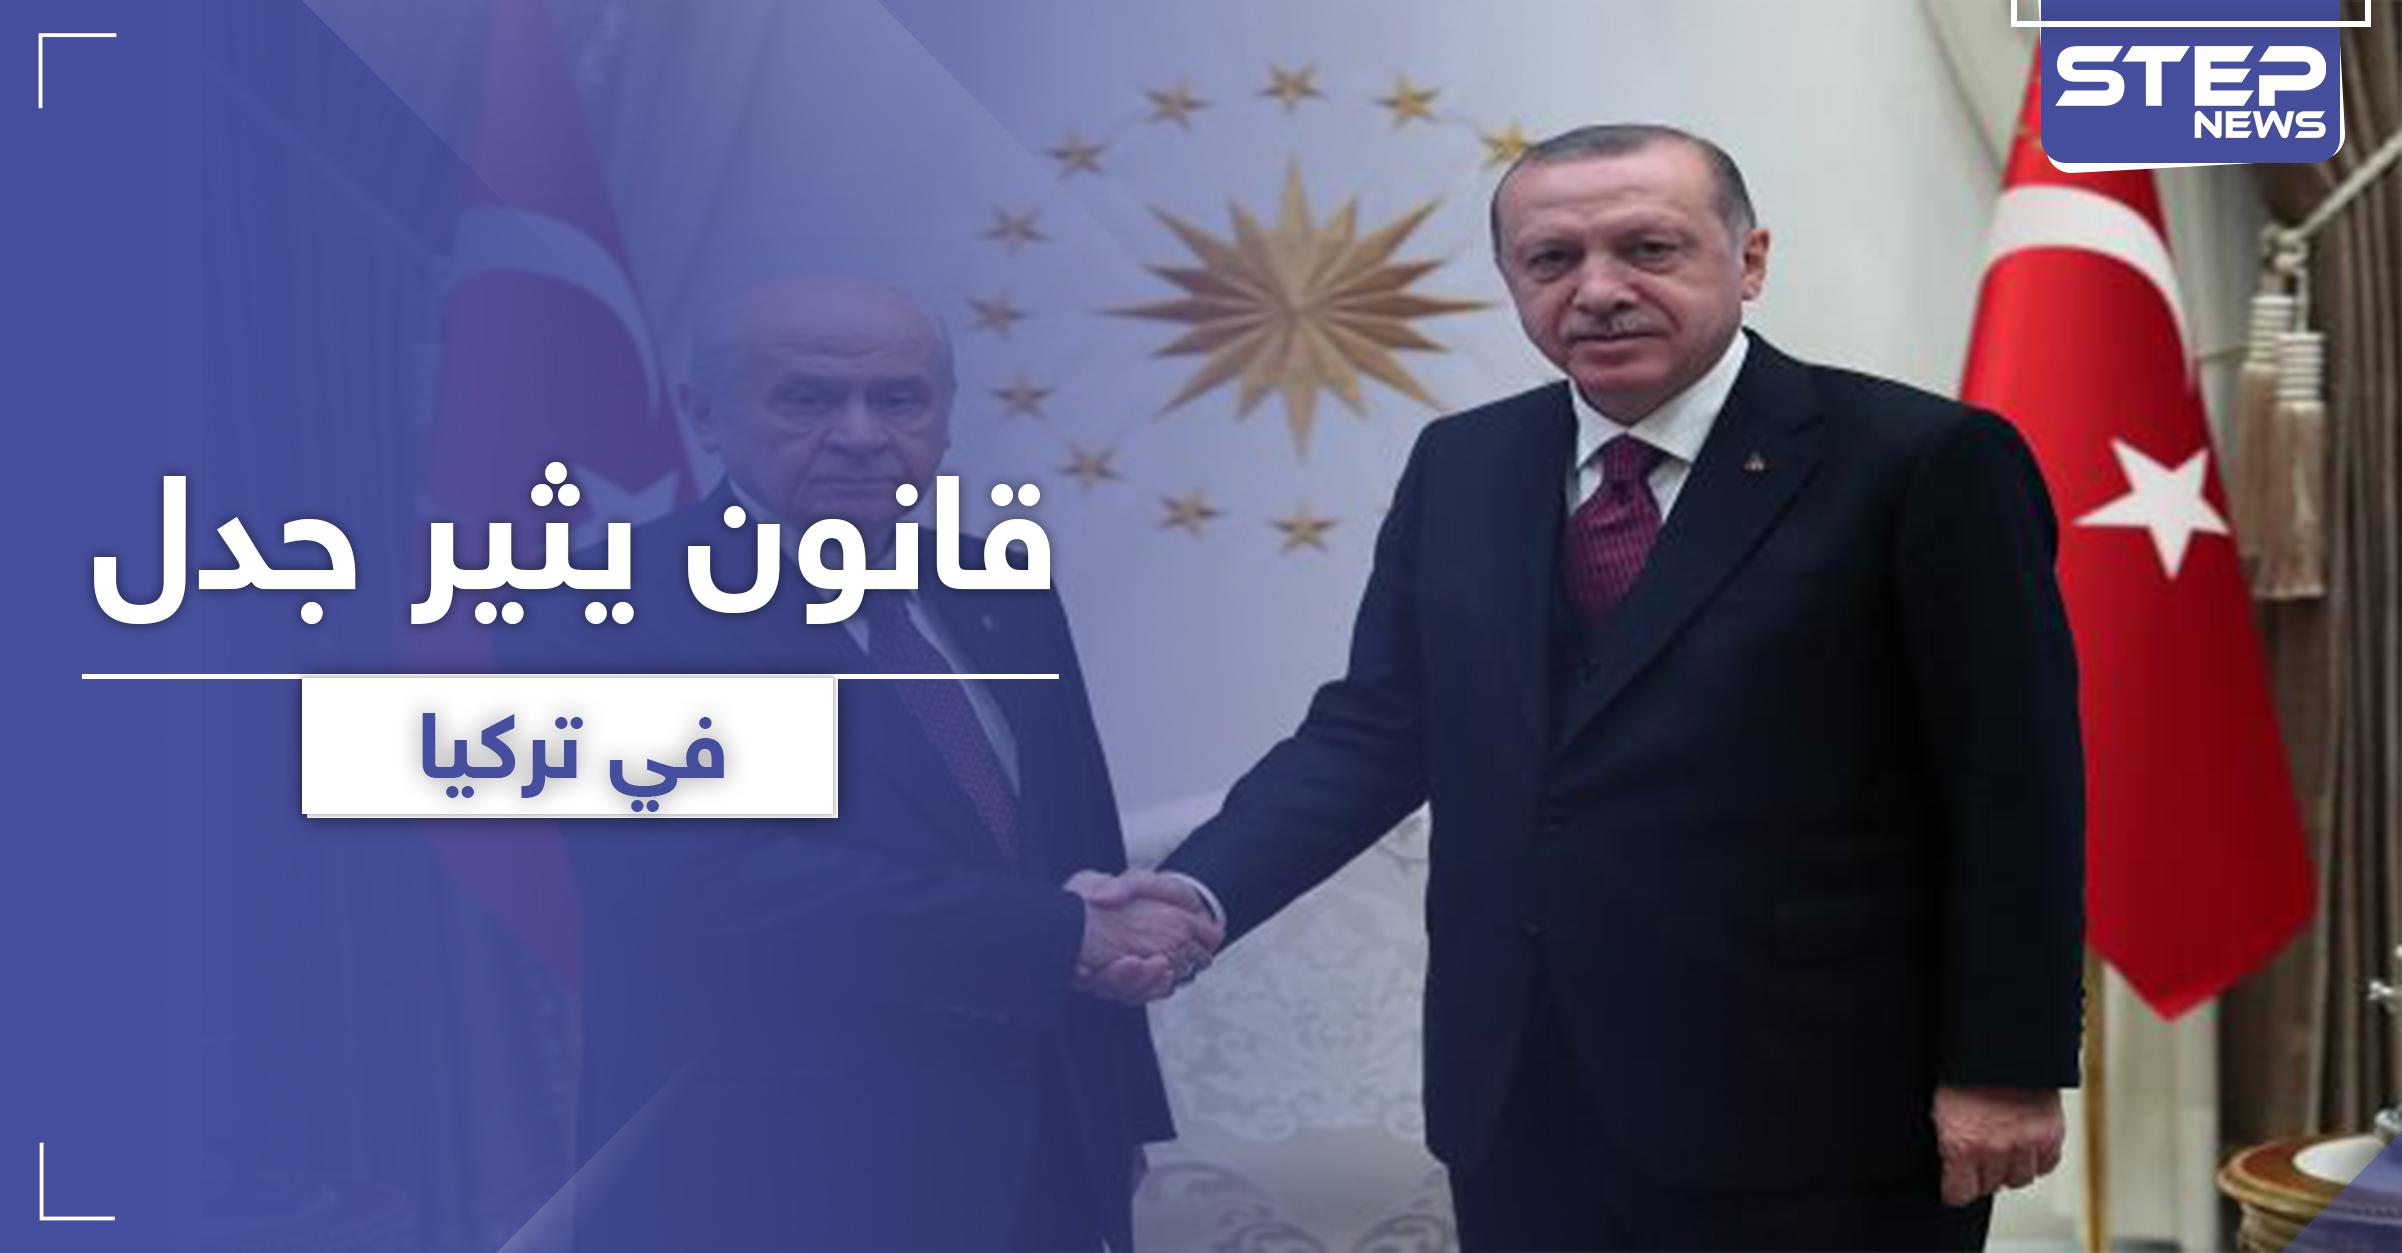 تقنين عقوبة المغتصب.. قانون جديد يثير جدلاً في تركيا